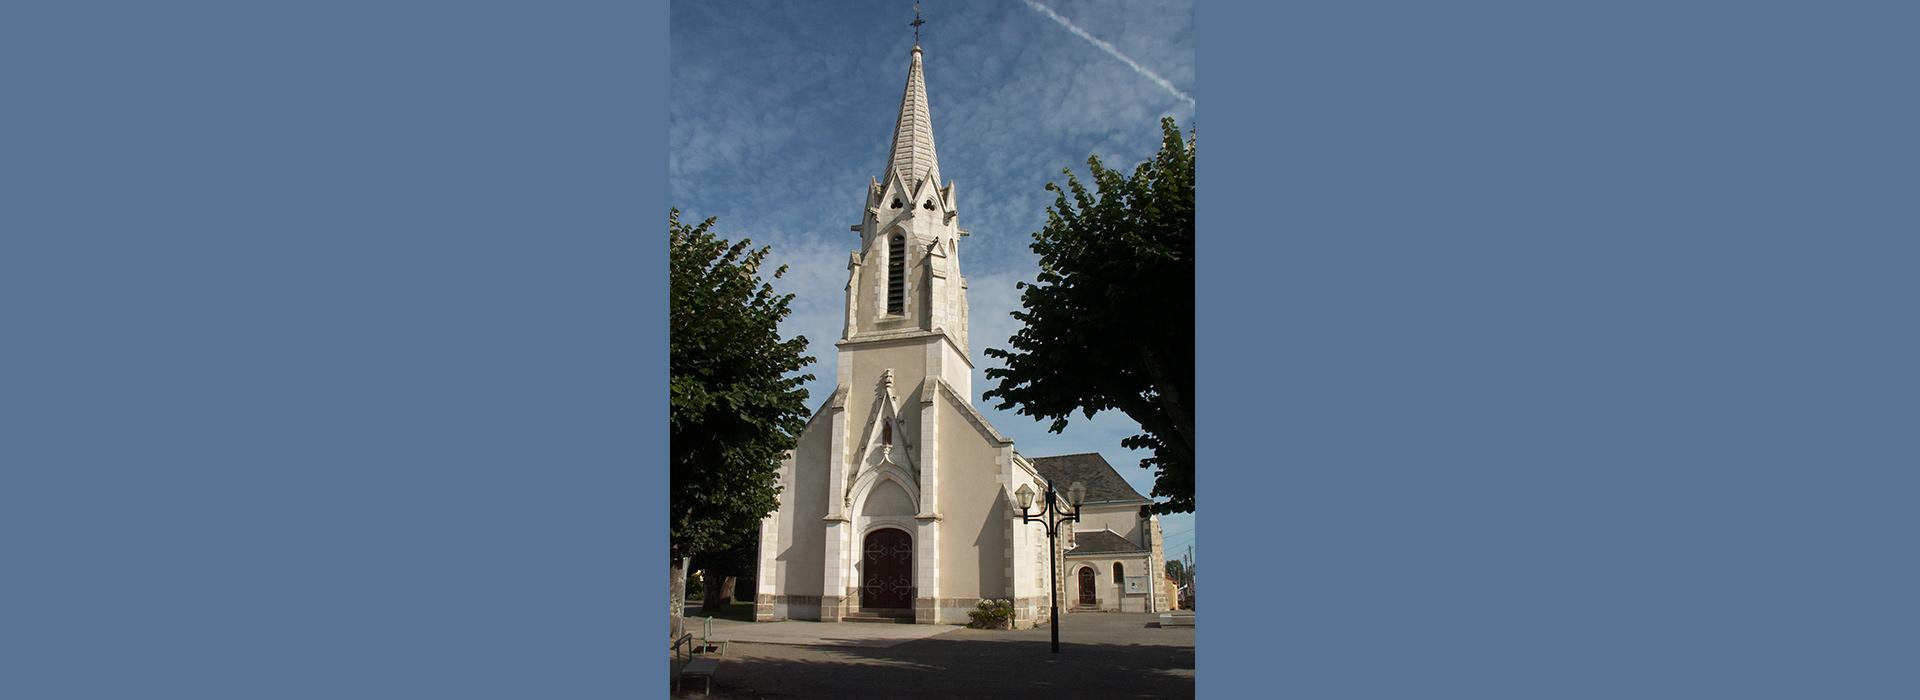 Paroisse Machecoul église Fresnay en Retz - Villeneuve en REtz